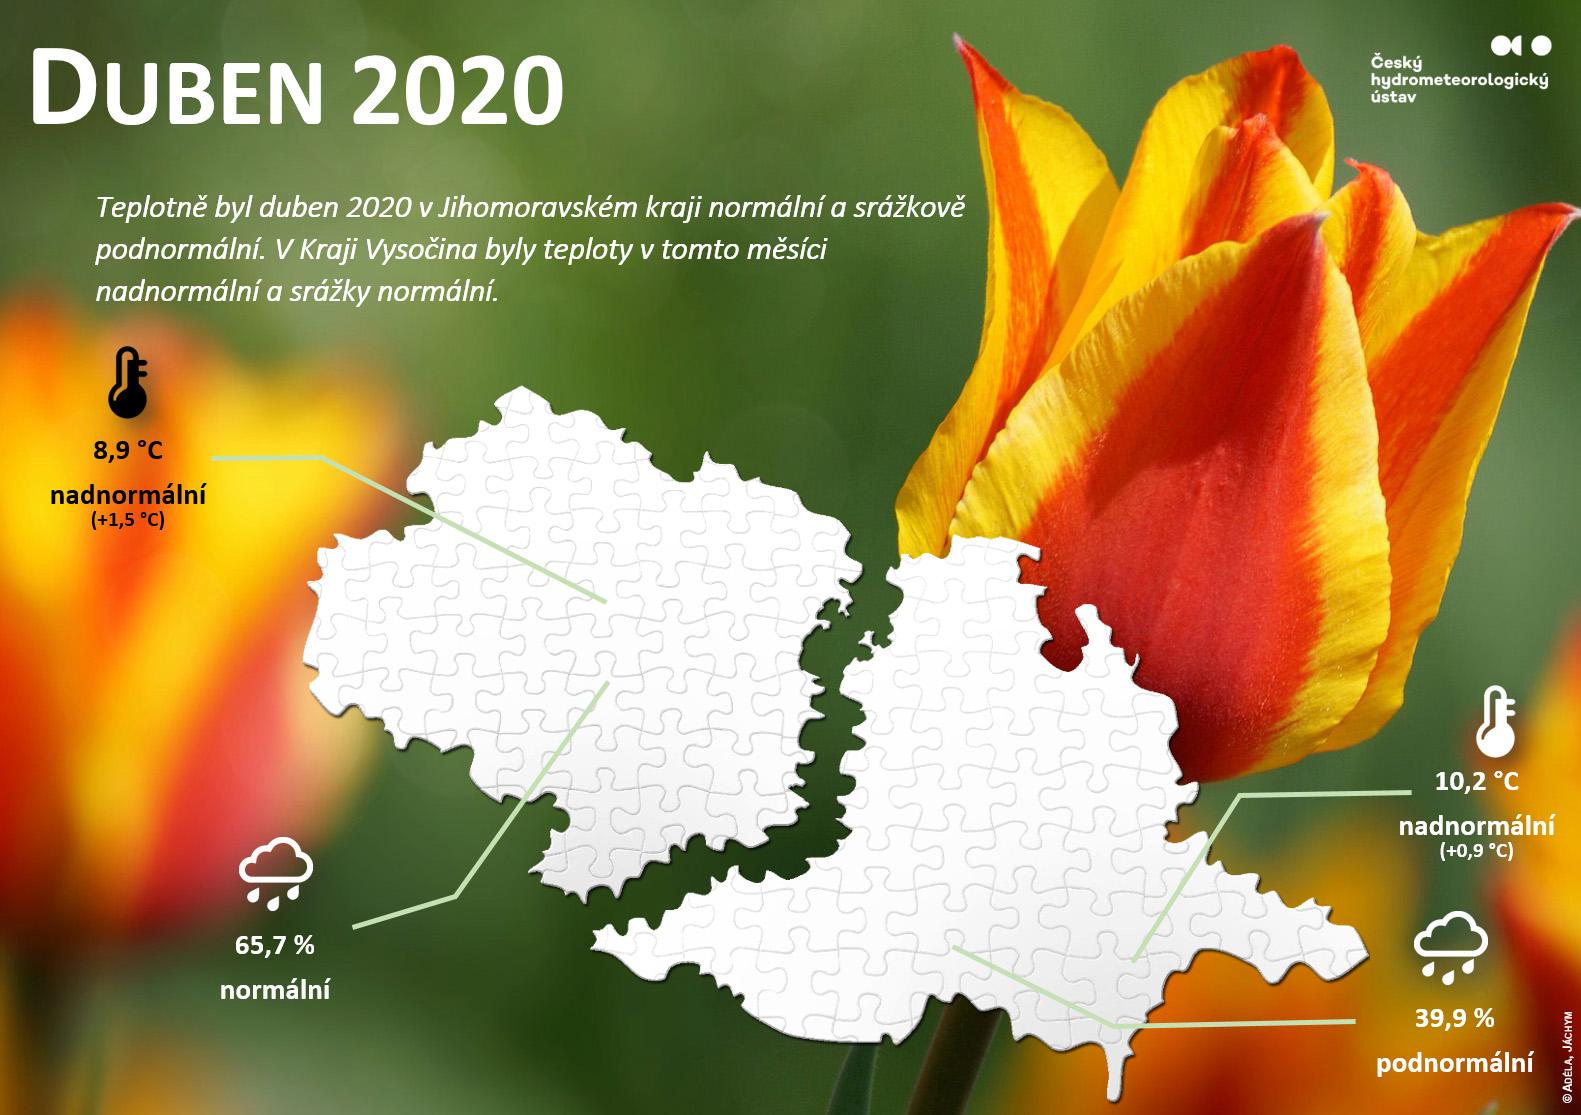 Duben 2020 v krajích Jihomoravský a Vysočina3 min čtení